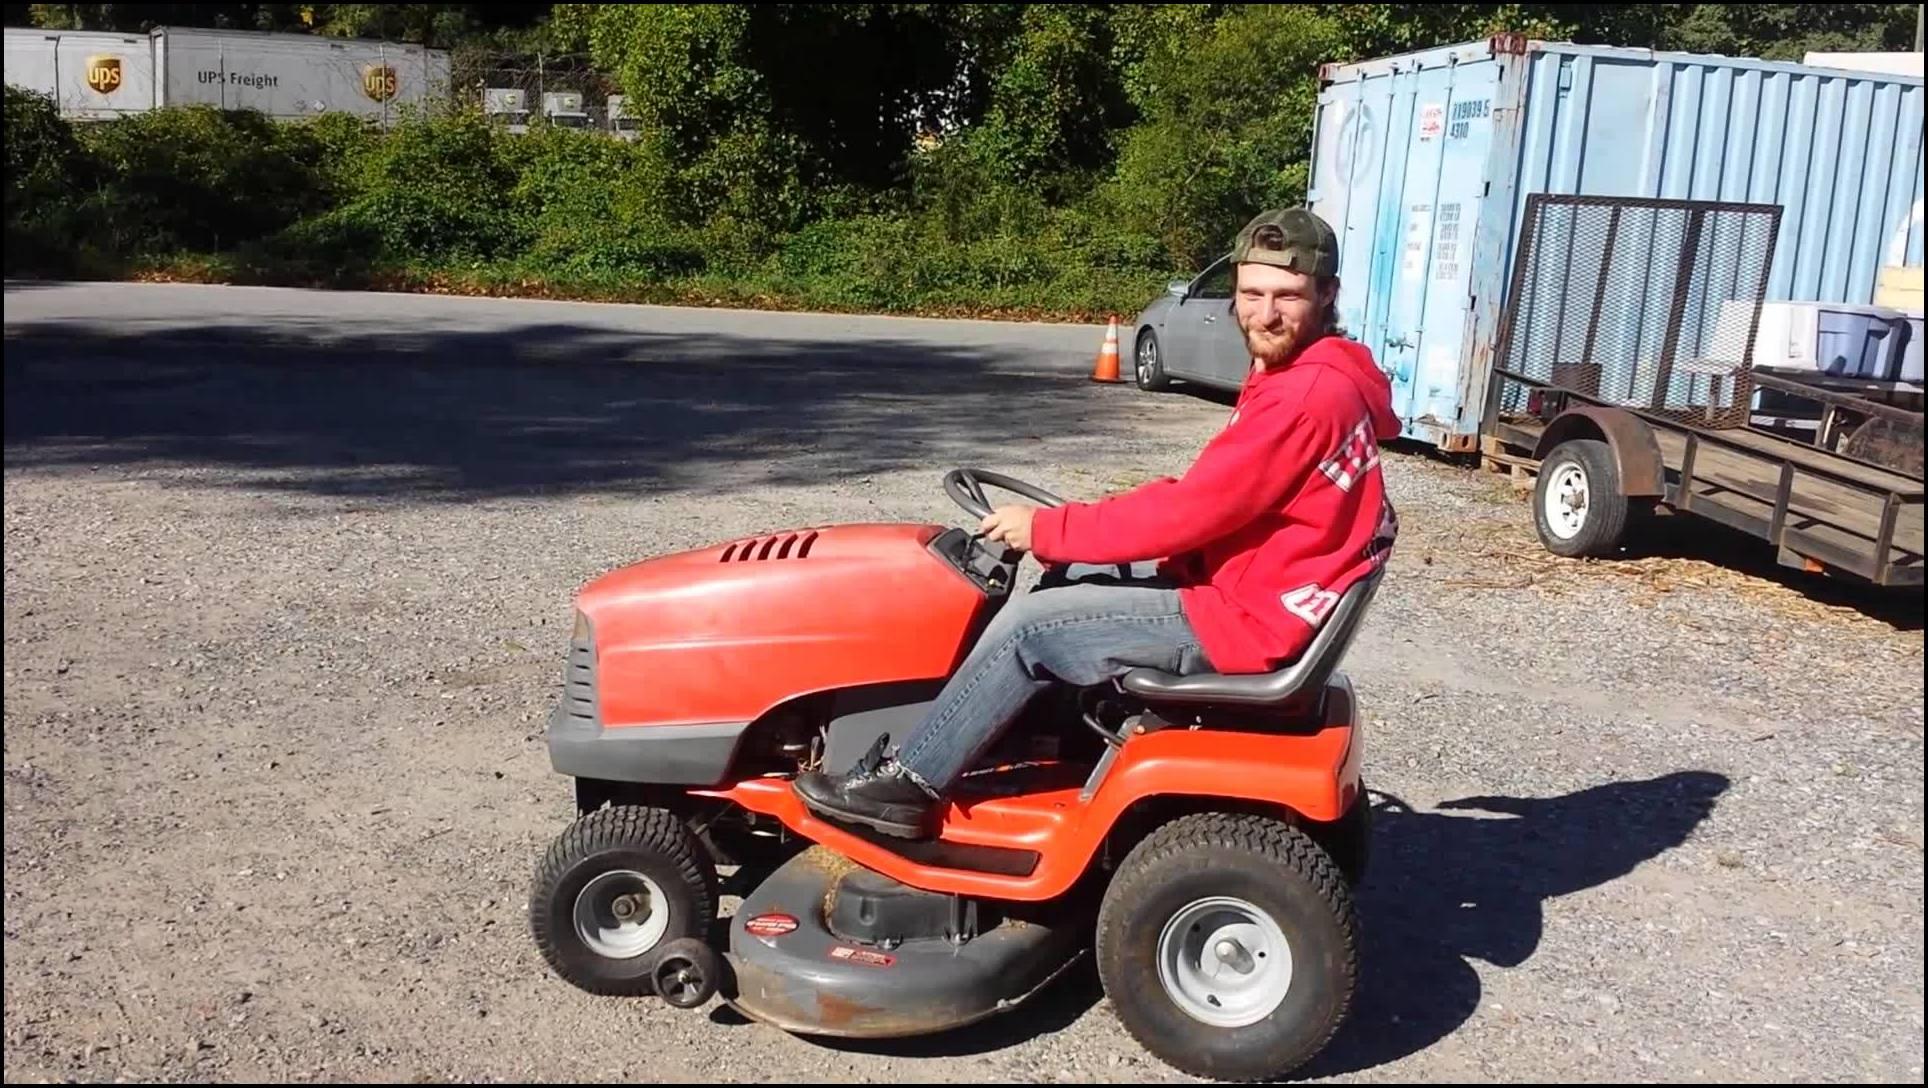 Lawn Mowers On Craigslist